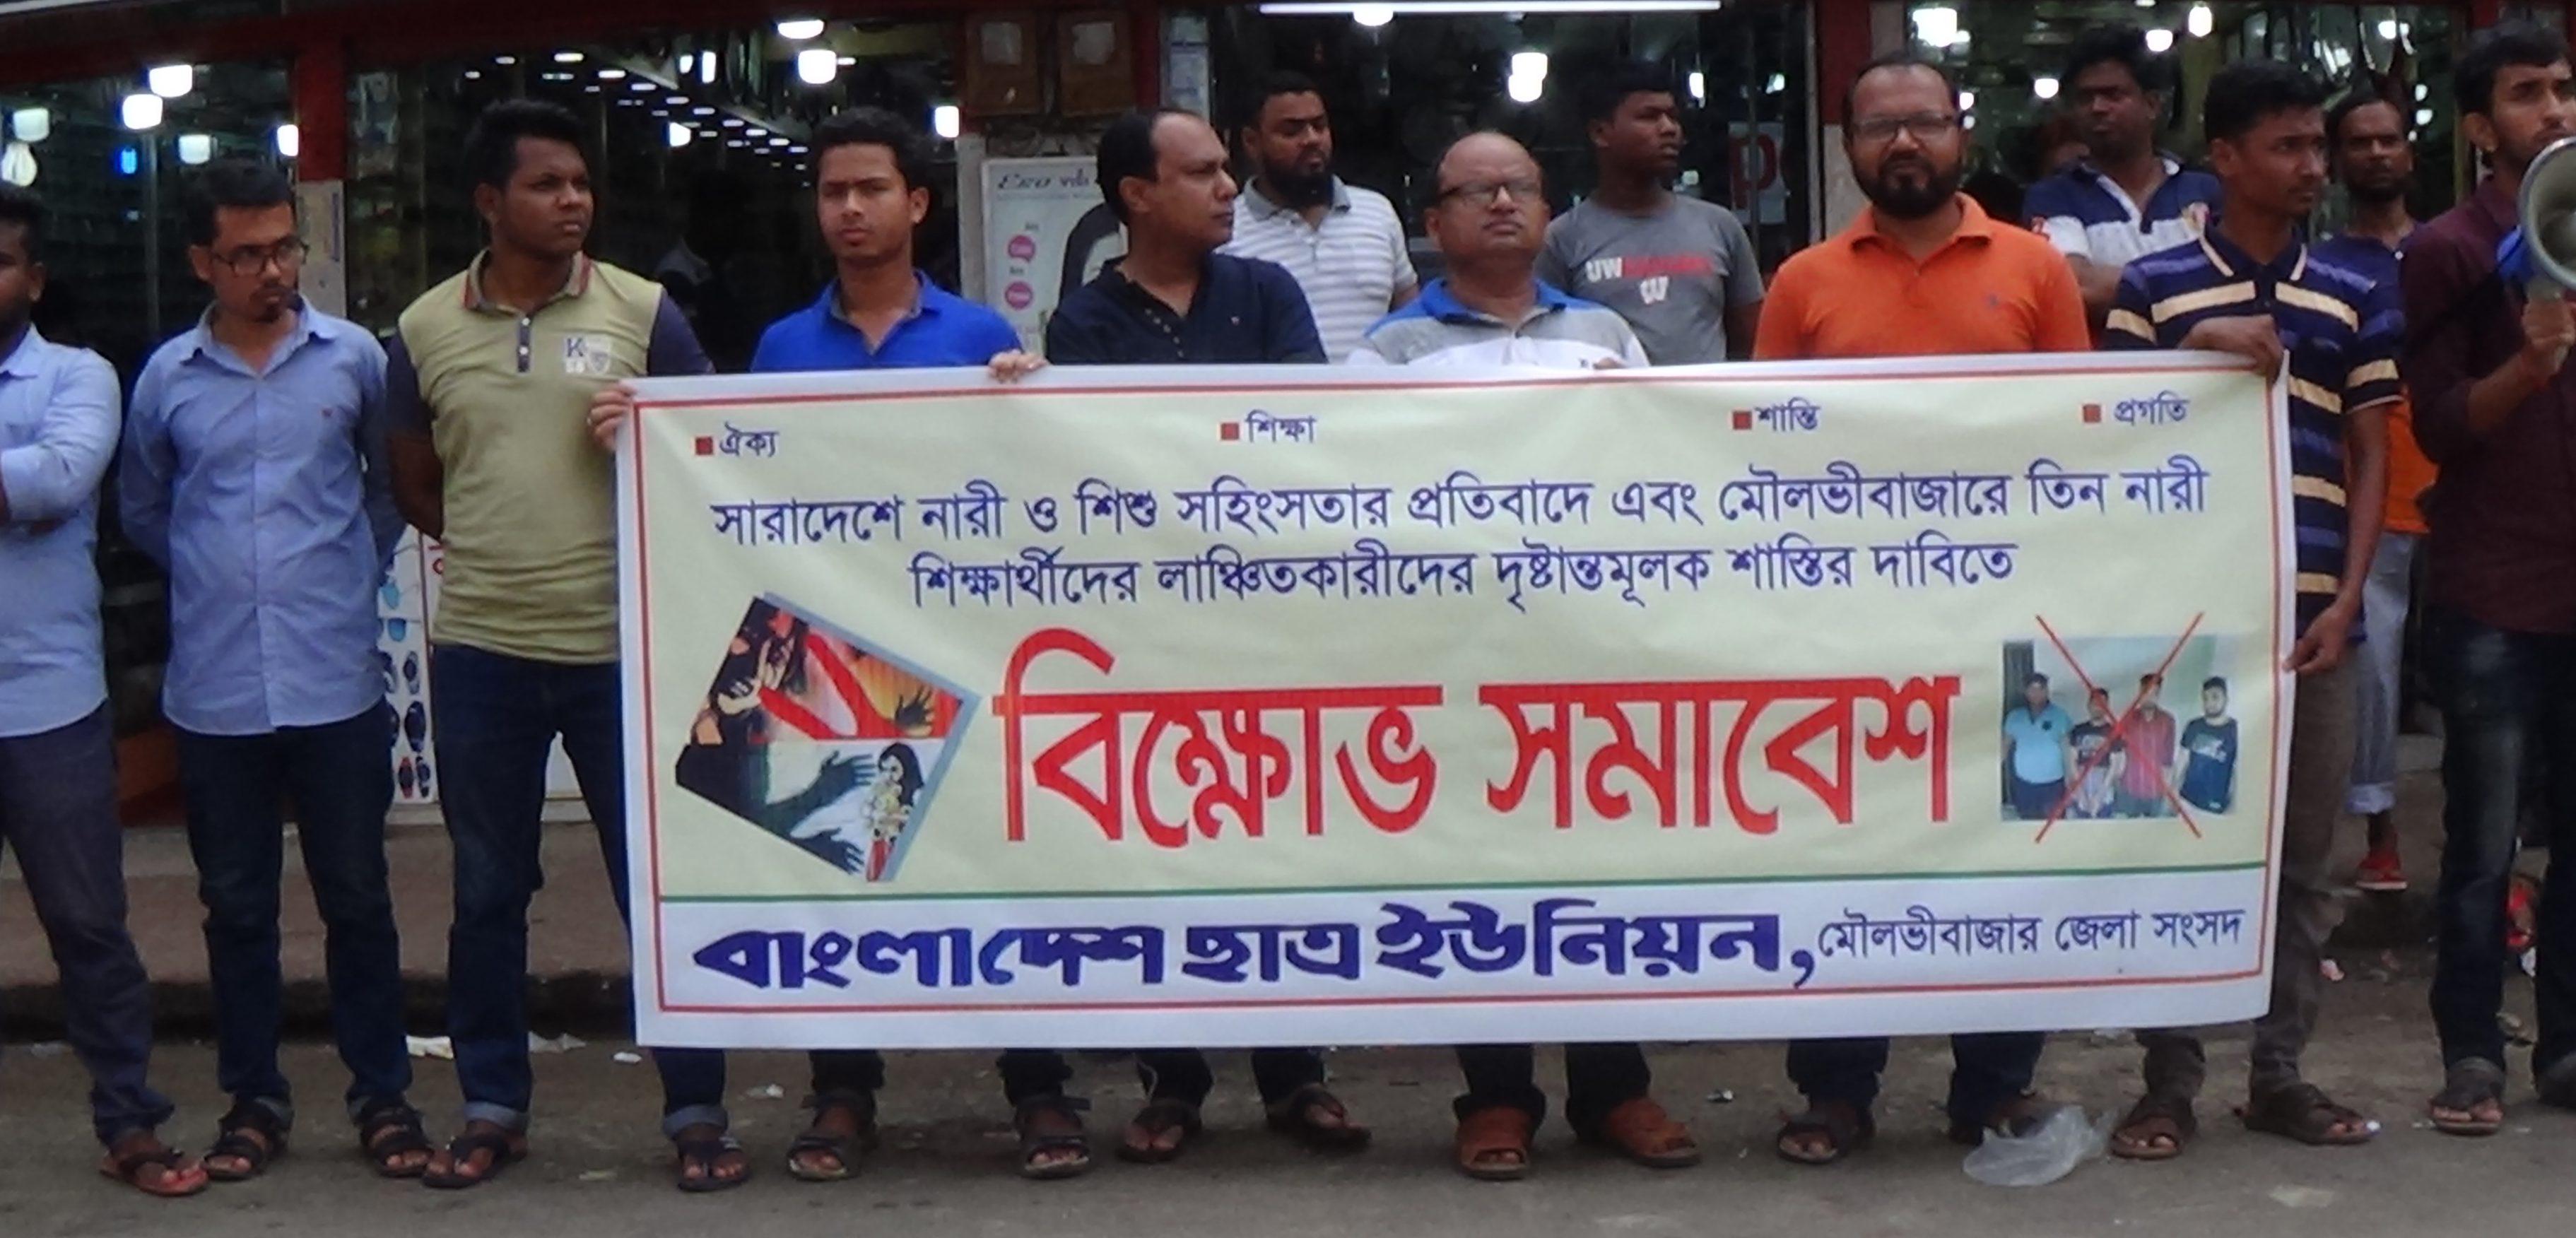 মৌলভীবাজারে নারী ও শিশু নির্যাতনের বিরুদ্ধে প্রতিবাদ